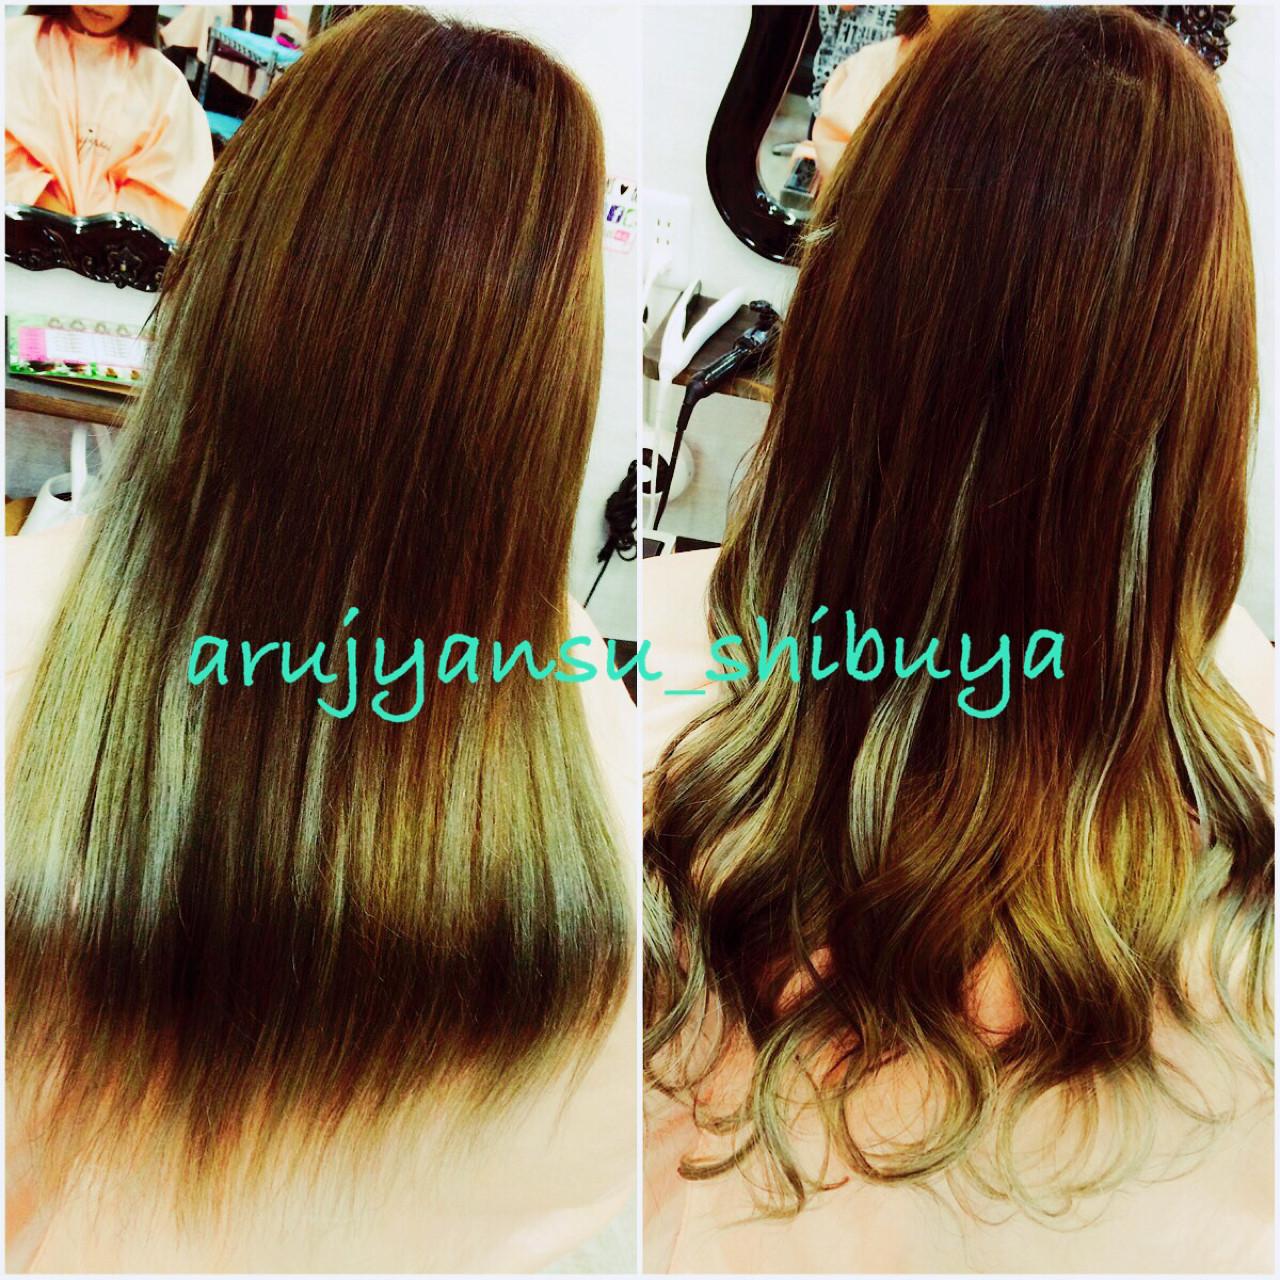 グラデーションカラー 渋谷系 アッシュ エクステヘアスタイルや髪型の写真・画像